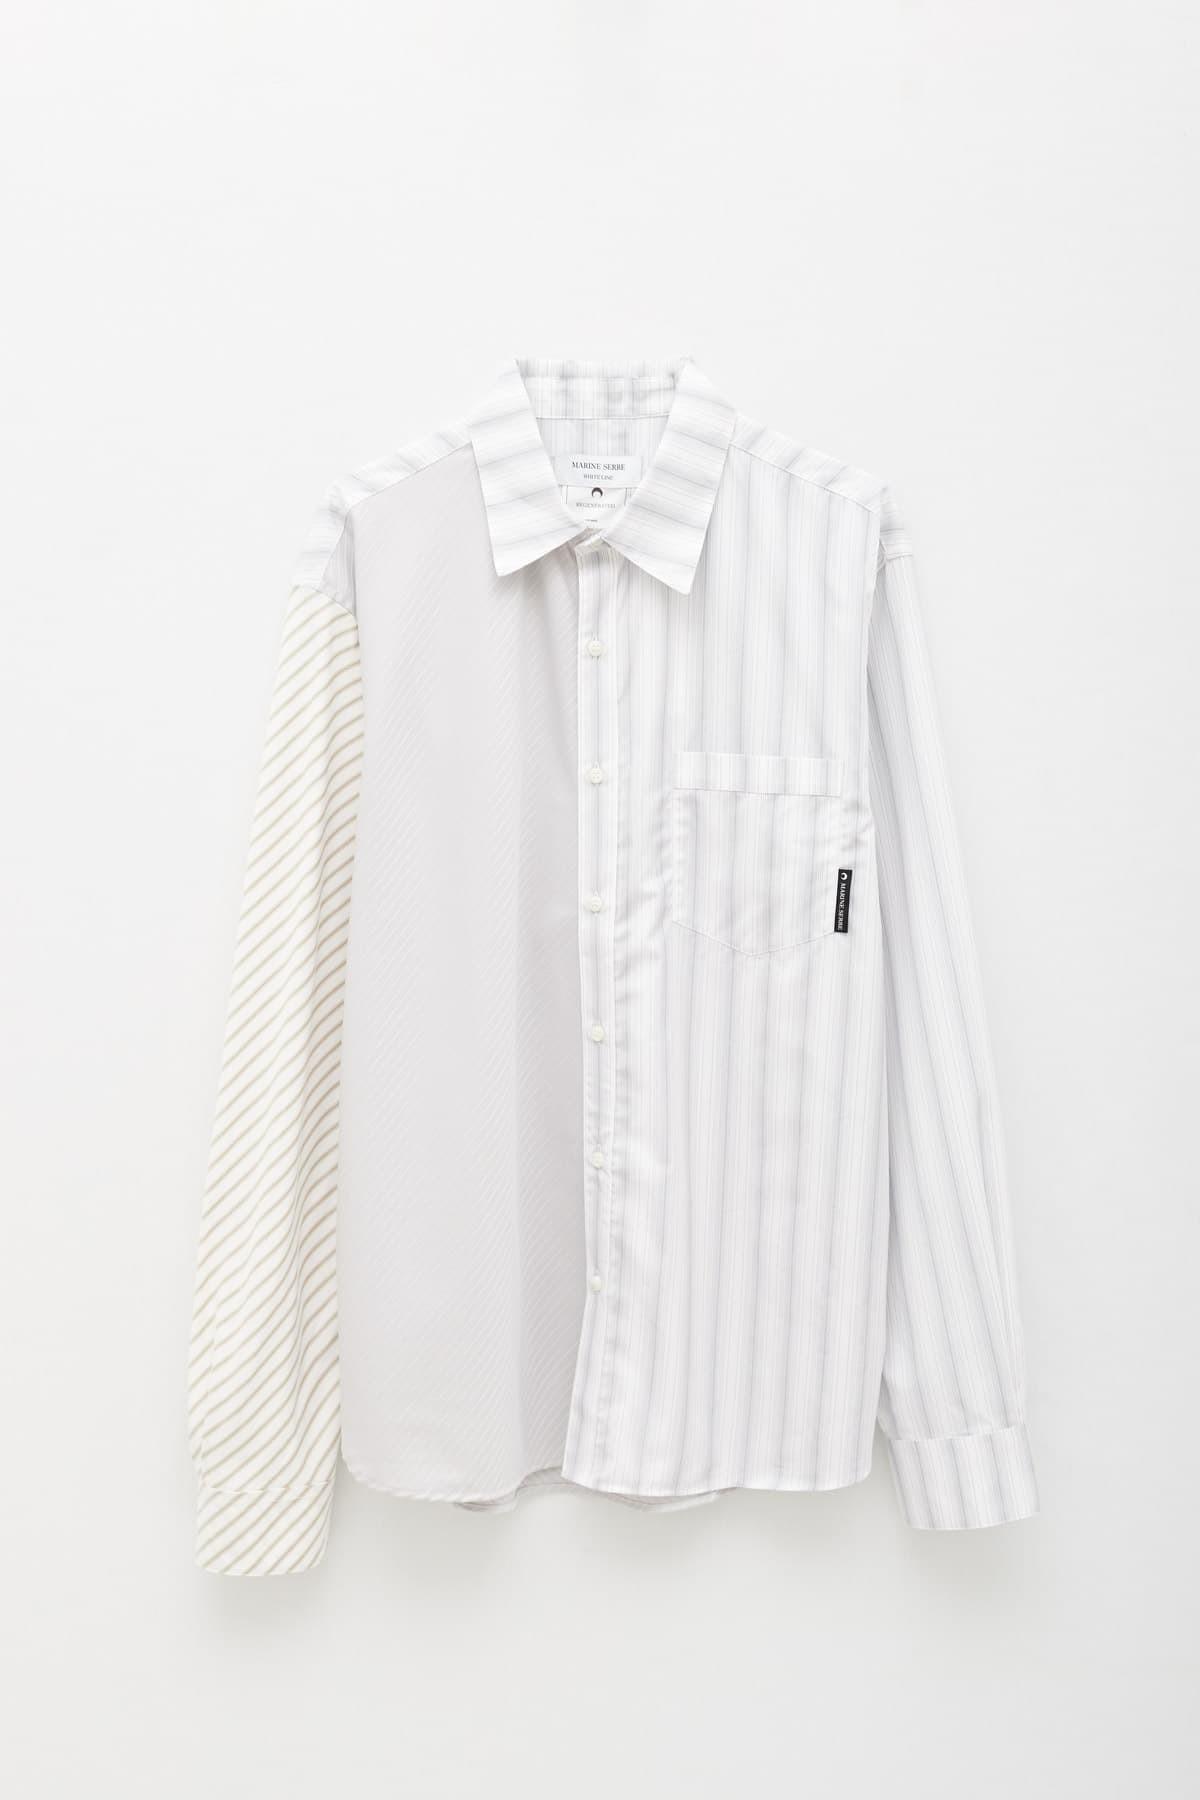 Comprar Aries White No Problemo T-Shirt